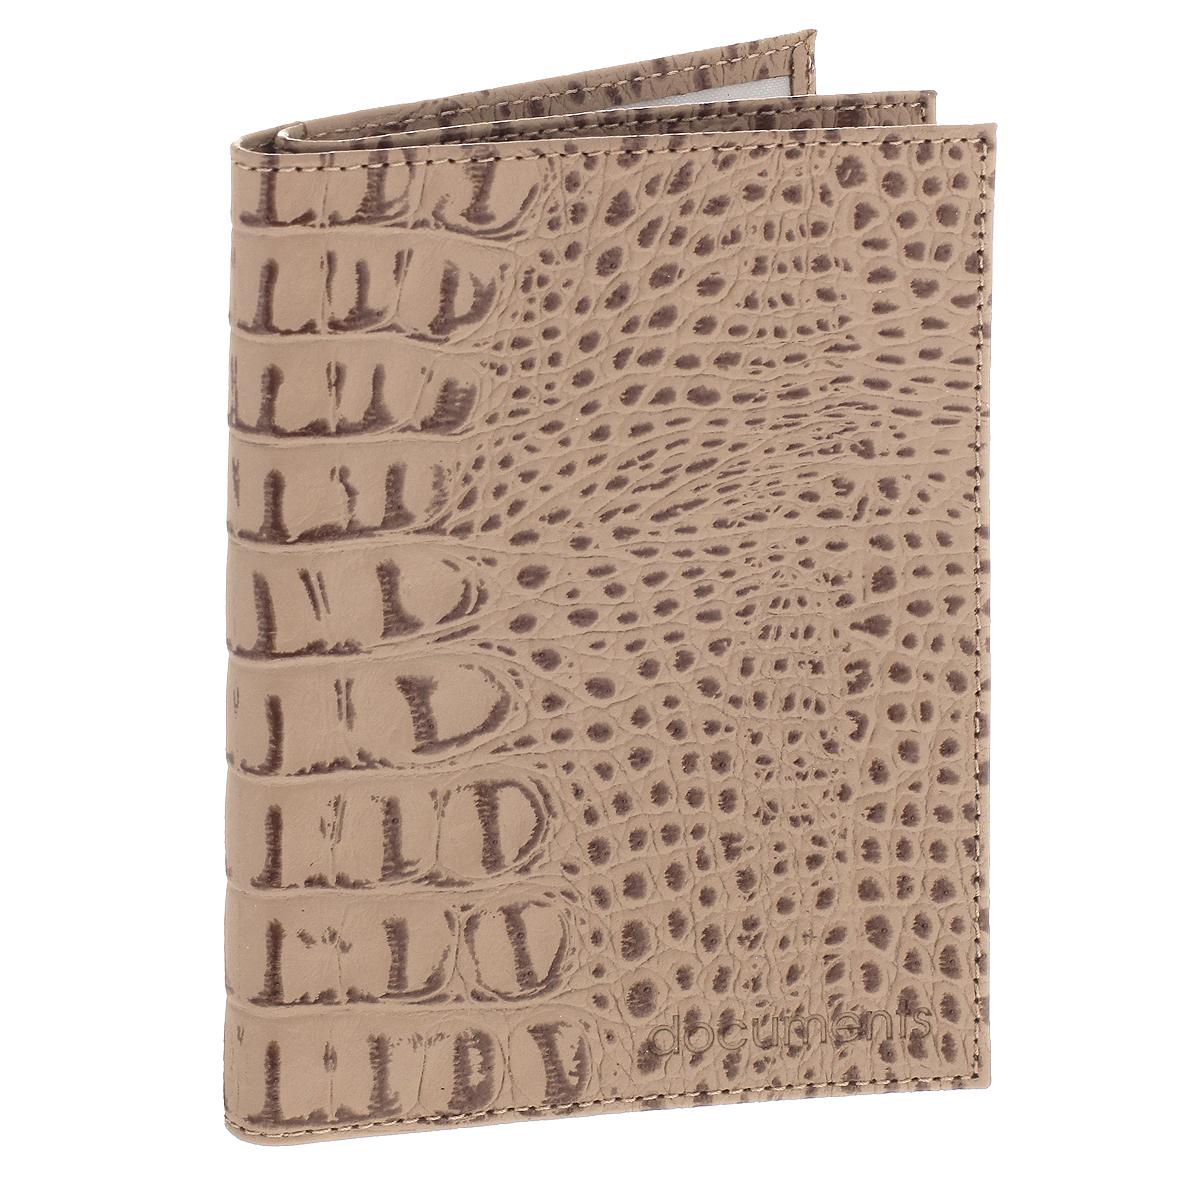 Бумажник водителя Befler, цвет: бежевый. BV.22.-13BV.22.-13. бежевыйУльтрамодный бумажник водителя Befler изготовлен из натуральной кожи и декорирован тиснением под рептилию. Изделие с обеих сторон дополнено тиснеными надписями. В бумажнике два отделения. Первое предназначено для автодокументов, содержит съемный блок из 6 прозрачных файлов и два боковых кармана (один - с окошком из пластика). Второе - для паспорта, содержит два боковых прозрачных кармана, которые обеспечат надежную фиксацию вашего документа. Изделие упаковано в фирменную коробку.Такой бумажник не только защитит ваши документы, но и станет стильным аксессуаром, который прекрасно дополнит образ.